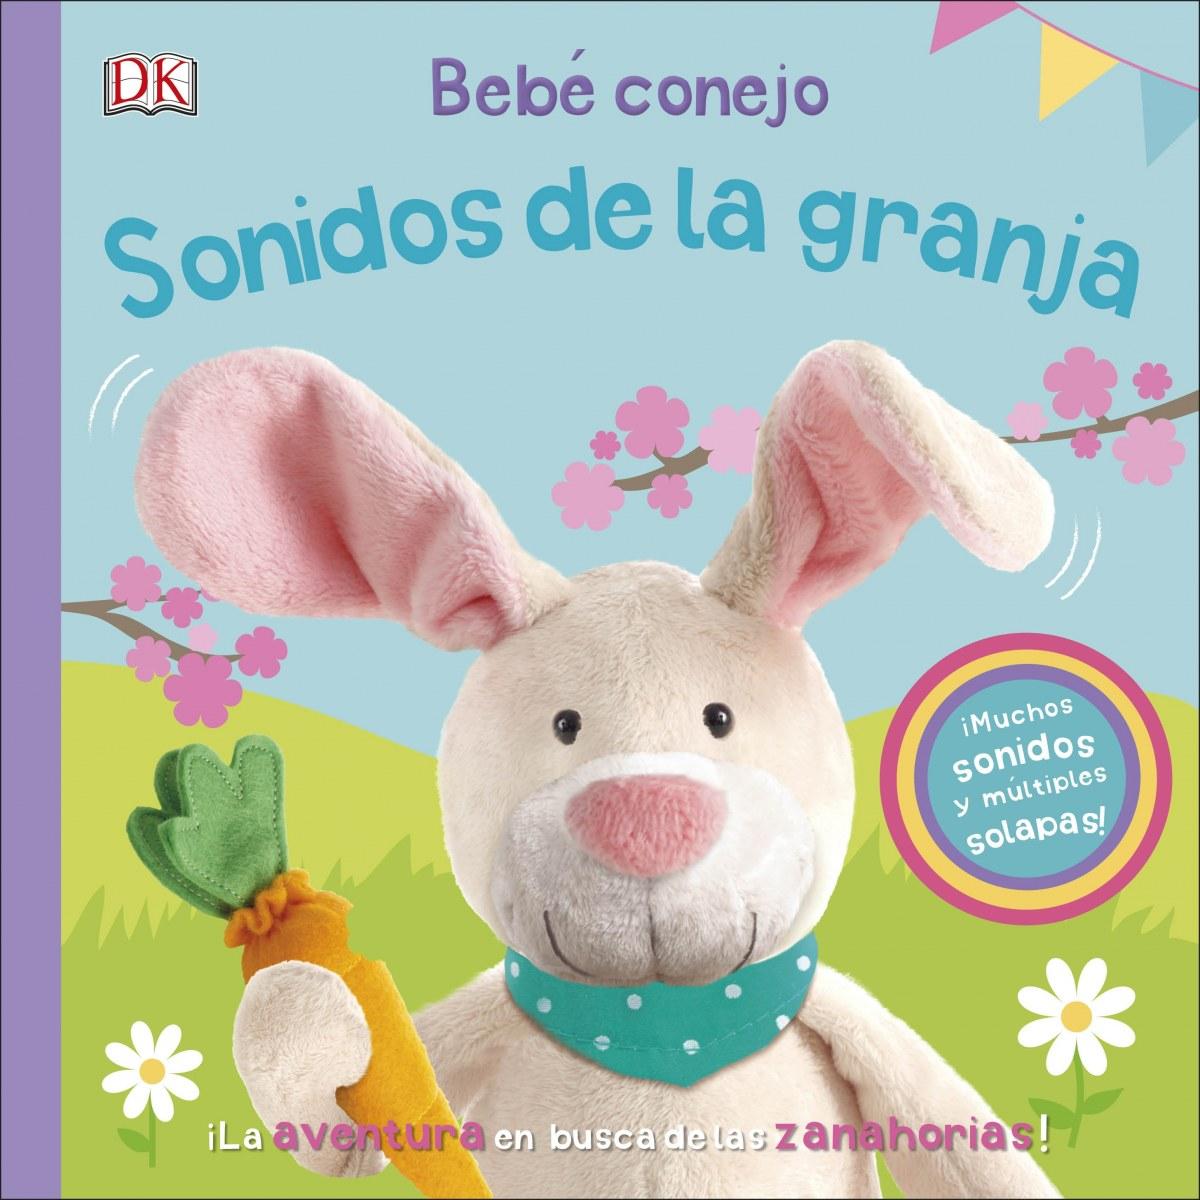 BEBE CONEJO SONIDOS DE LA GRANJA